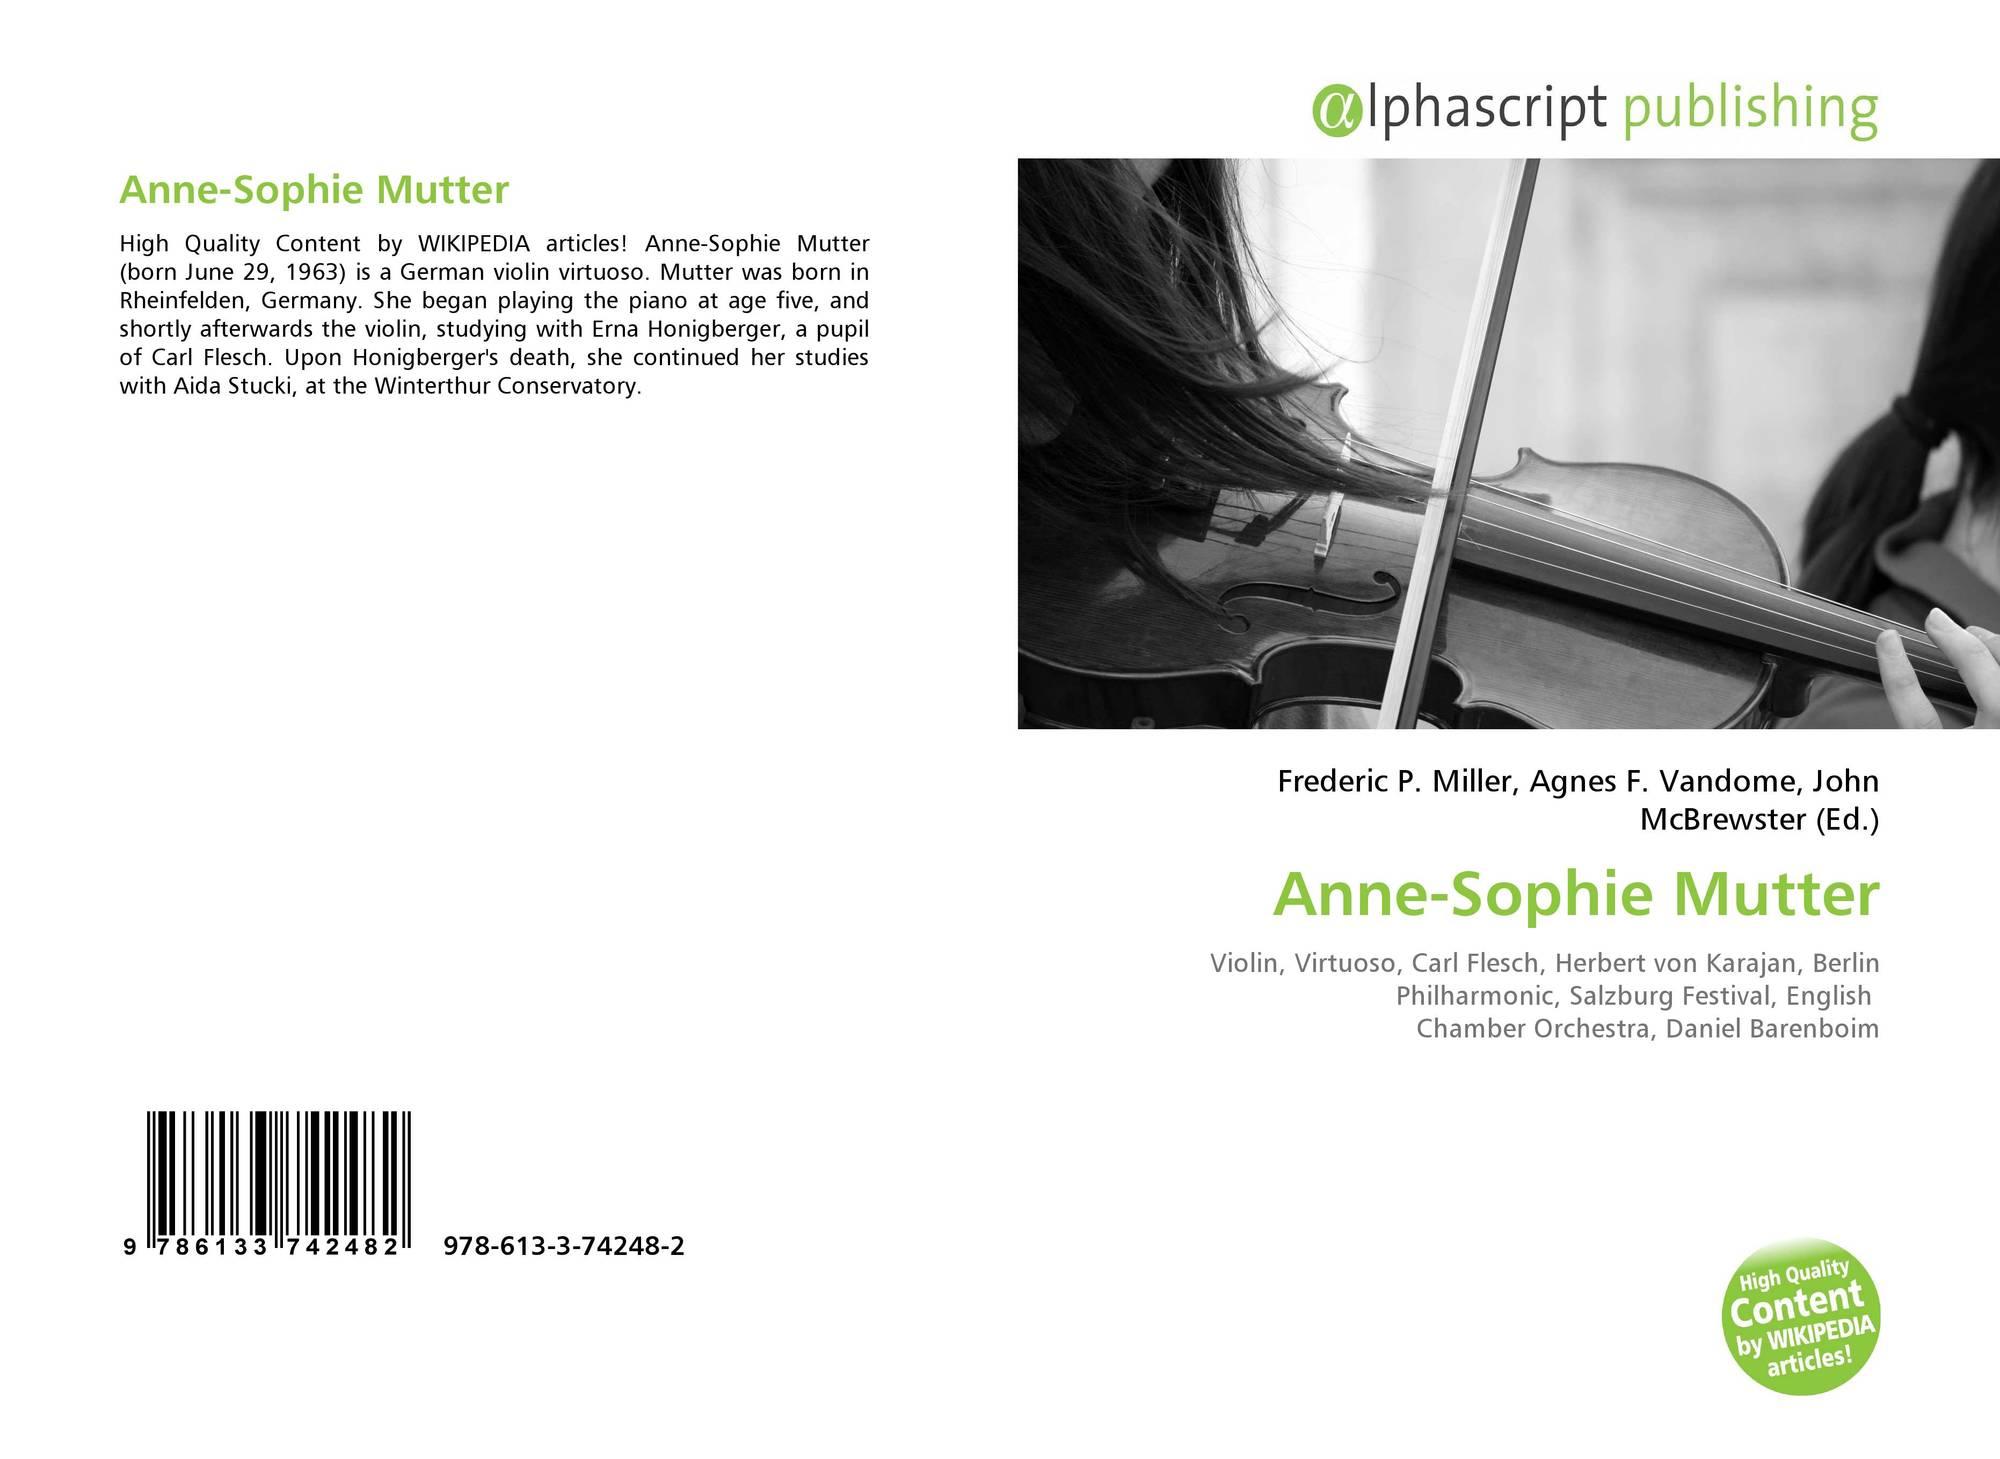 Anne-Sophie Mutter, 978-613-3-74248-2, 6133742488 ,9786133742482